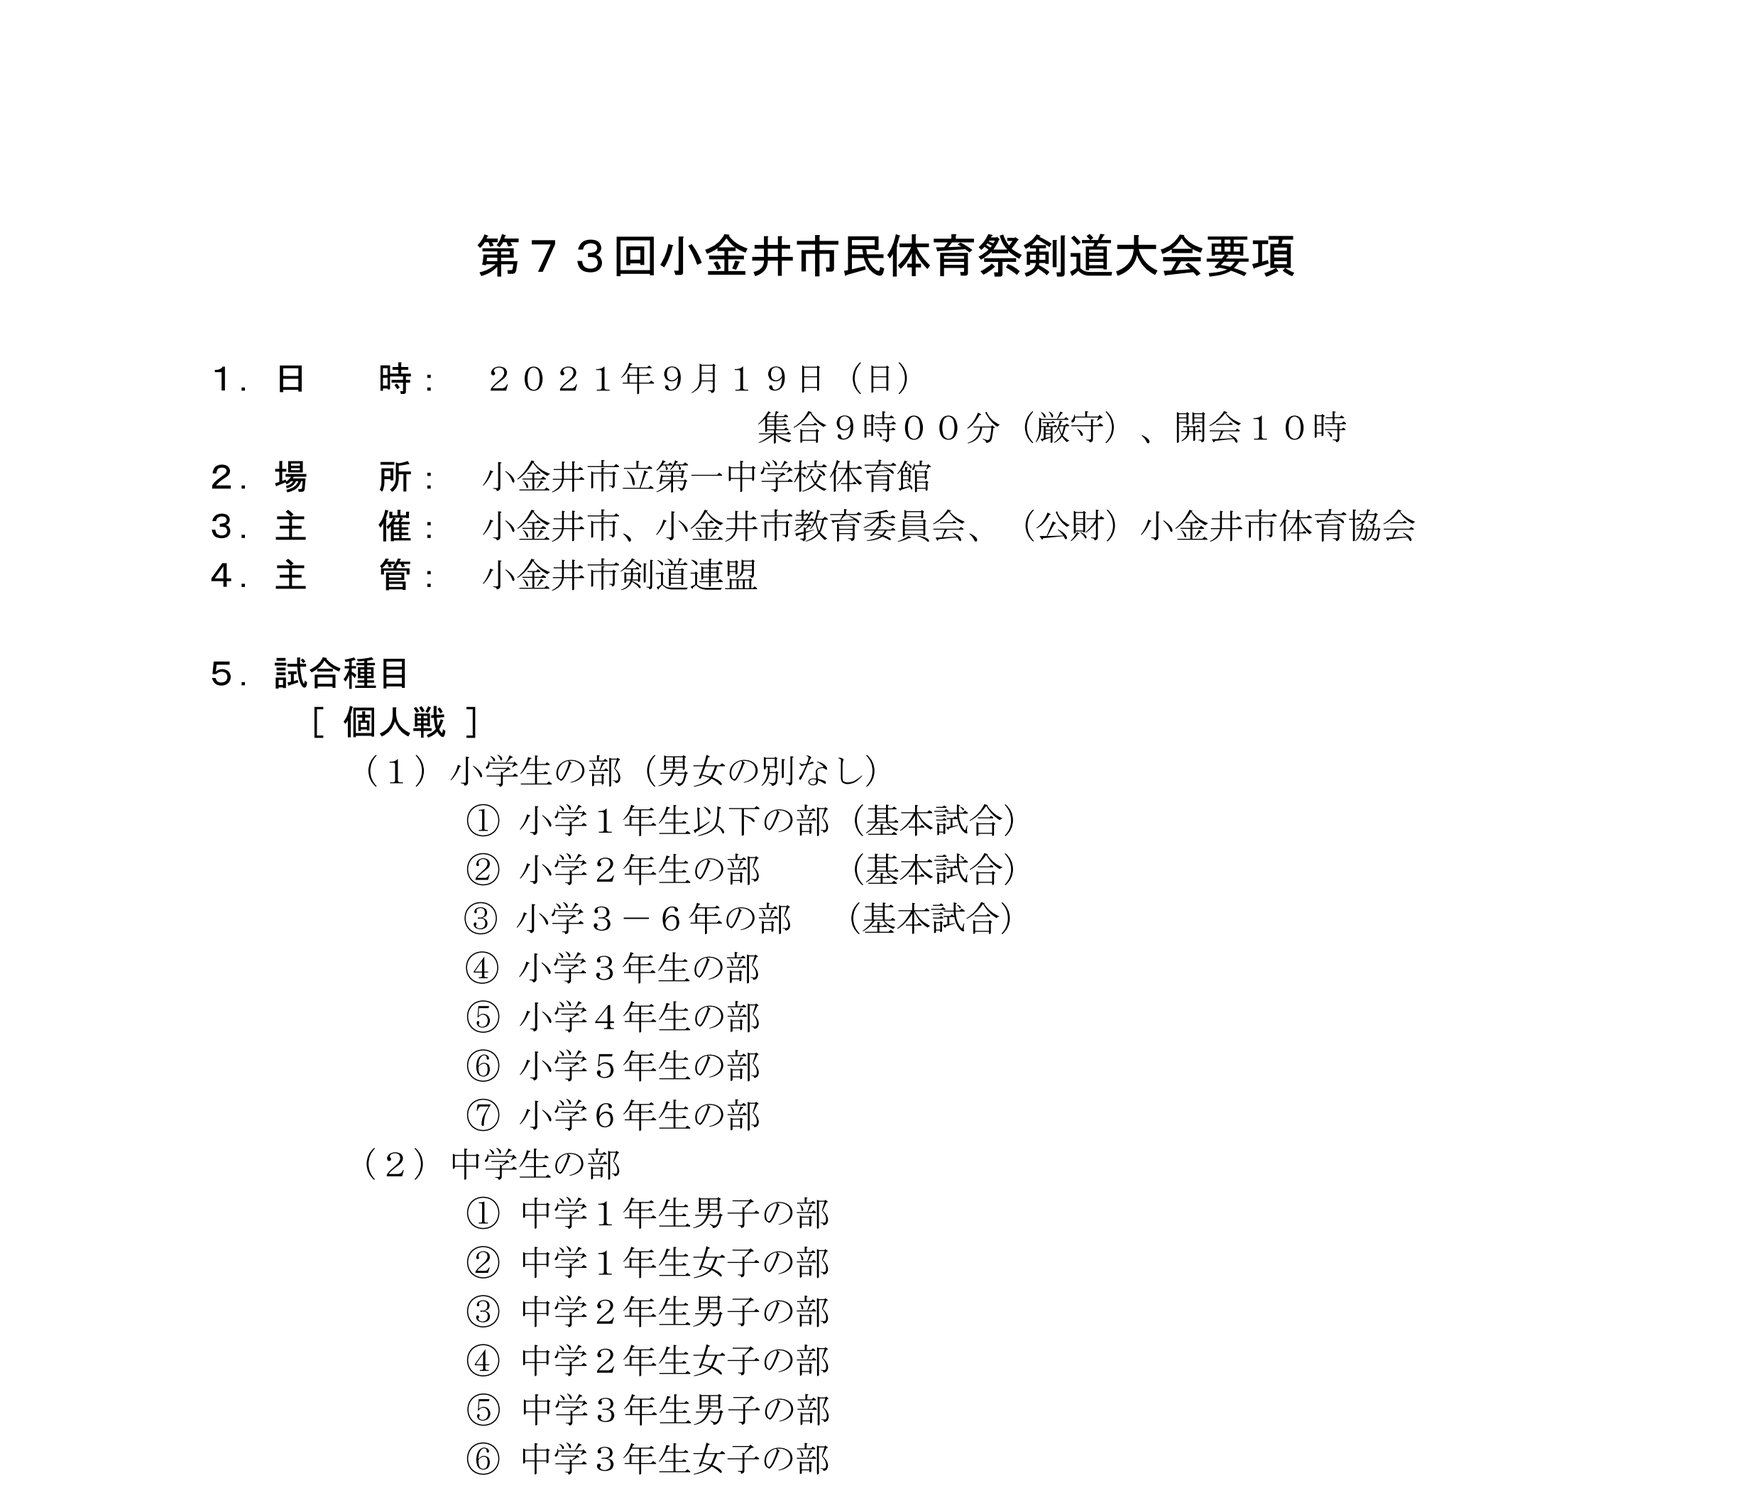 第73回小金井市民体育祭剣道大会参加者募集要項